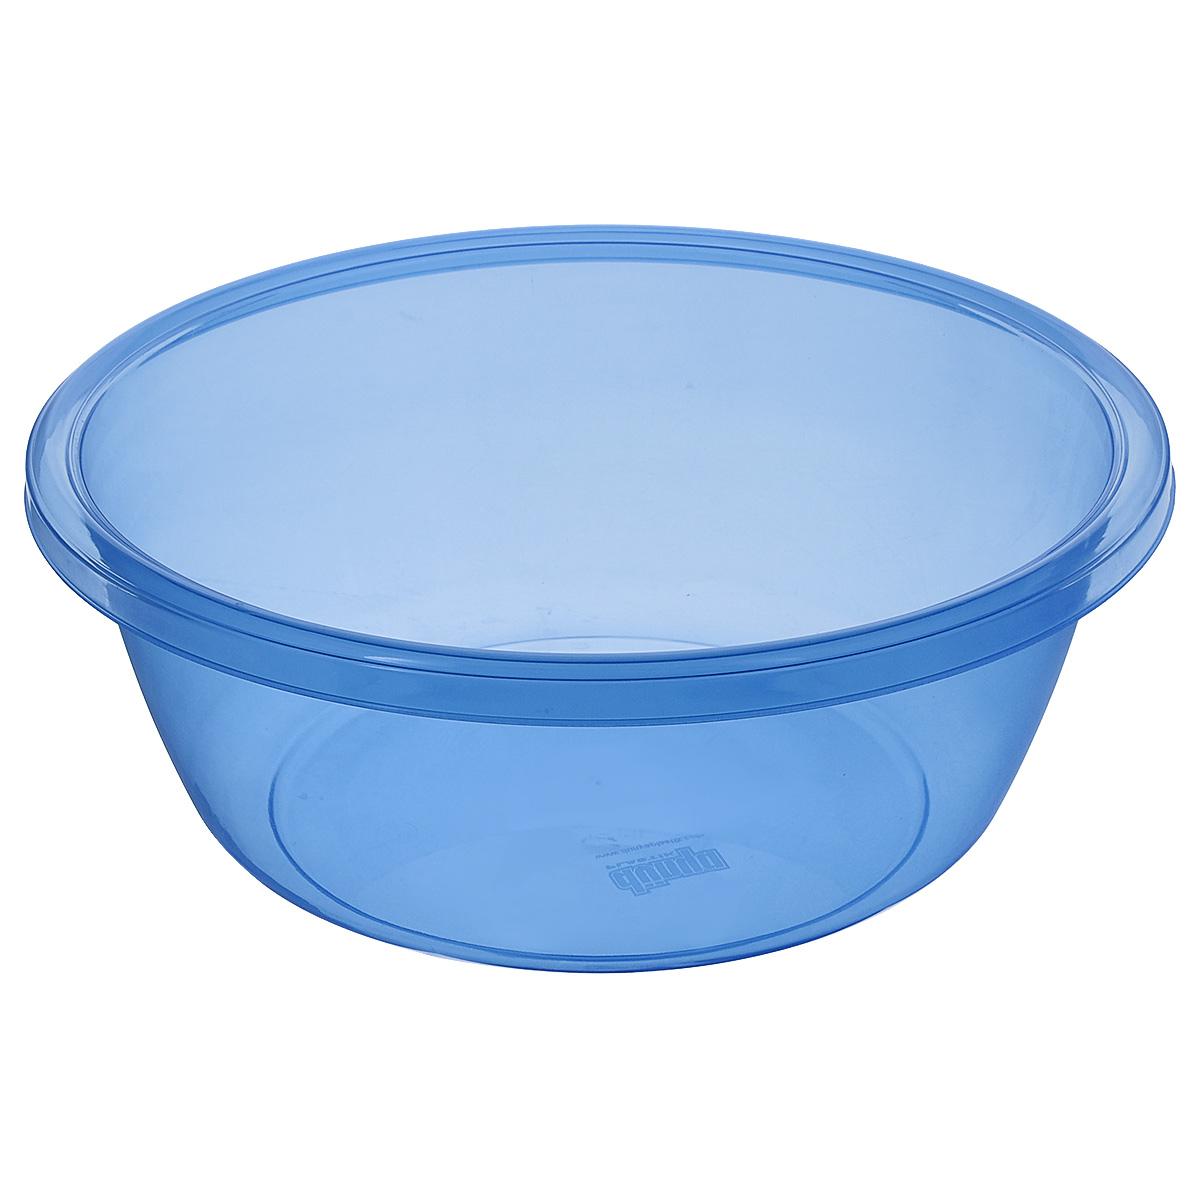 Таз Dunya Plastik, цвет: голубой, 7 л. 1033510335 голубойТаз Dunya Plastik выполнен из прочного прозрачного пластика. Он предназначен для стирки и хранения разных вещей. По краю имеются углубления, которые обеспечивают удобный захват. Такой таз пригодится в любом хозяйстве.